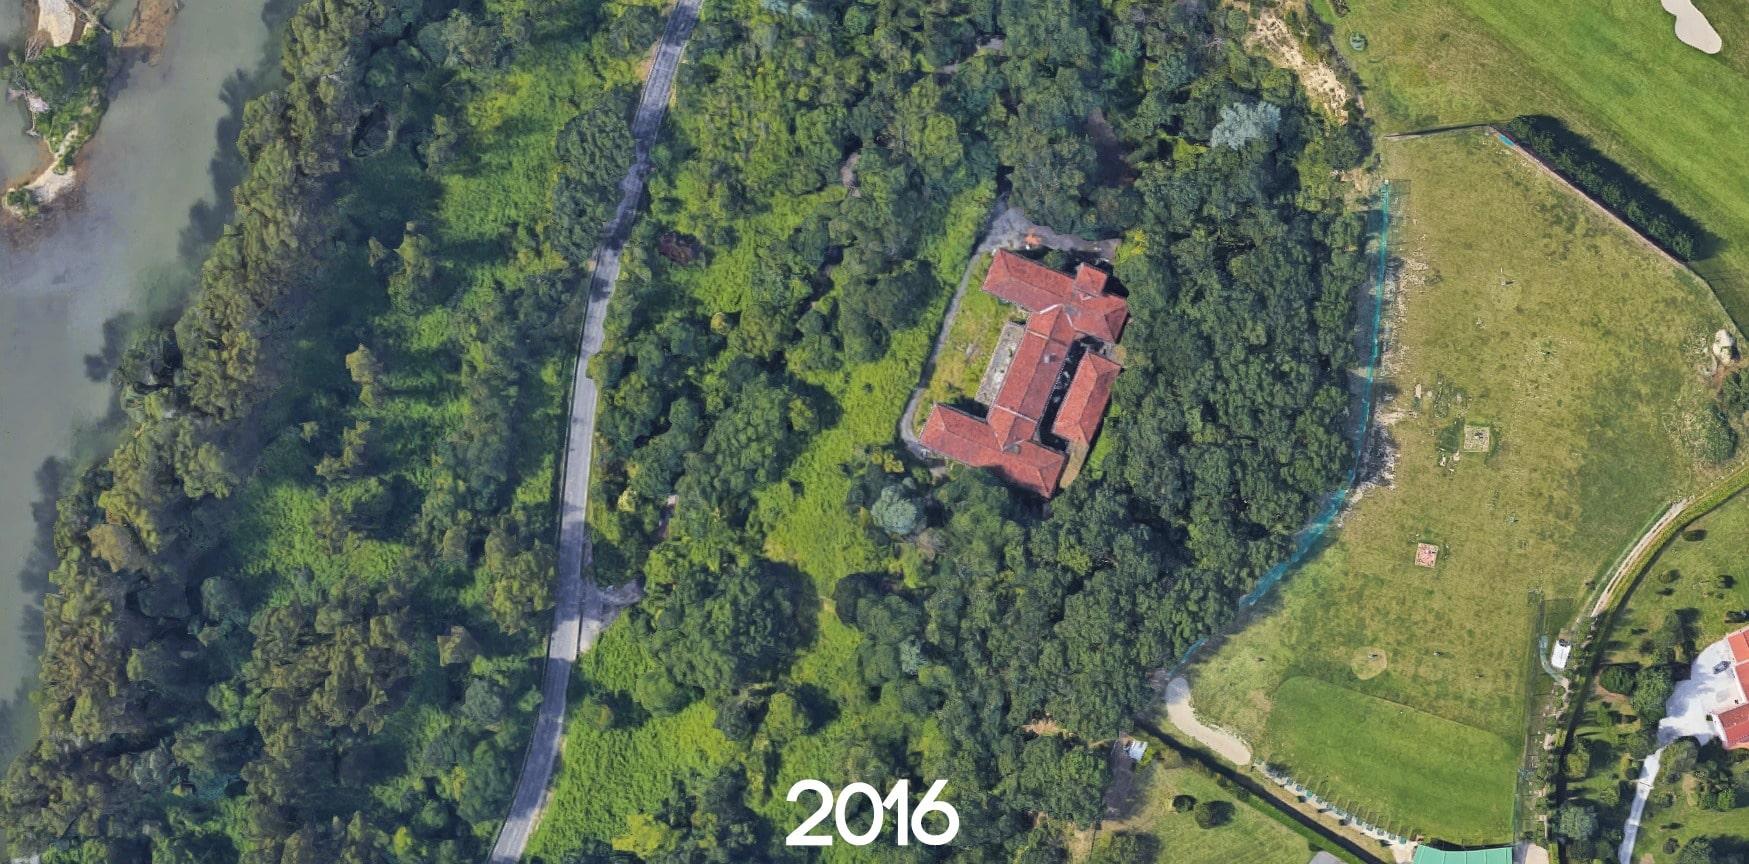 maison-de-retraite-de-wysteria-map2016